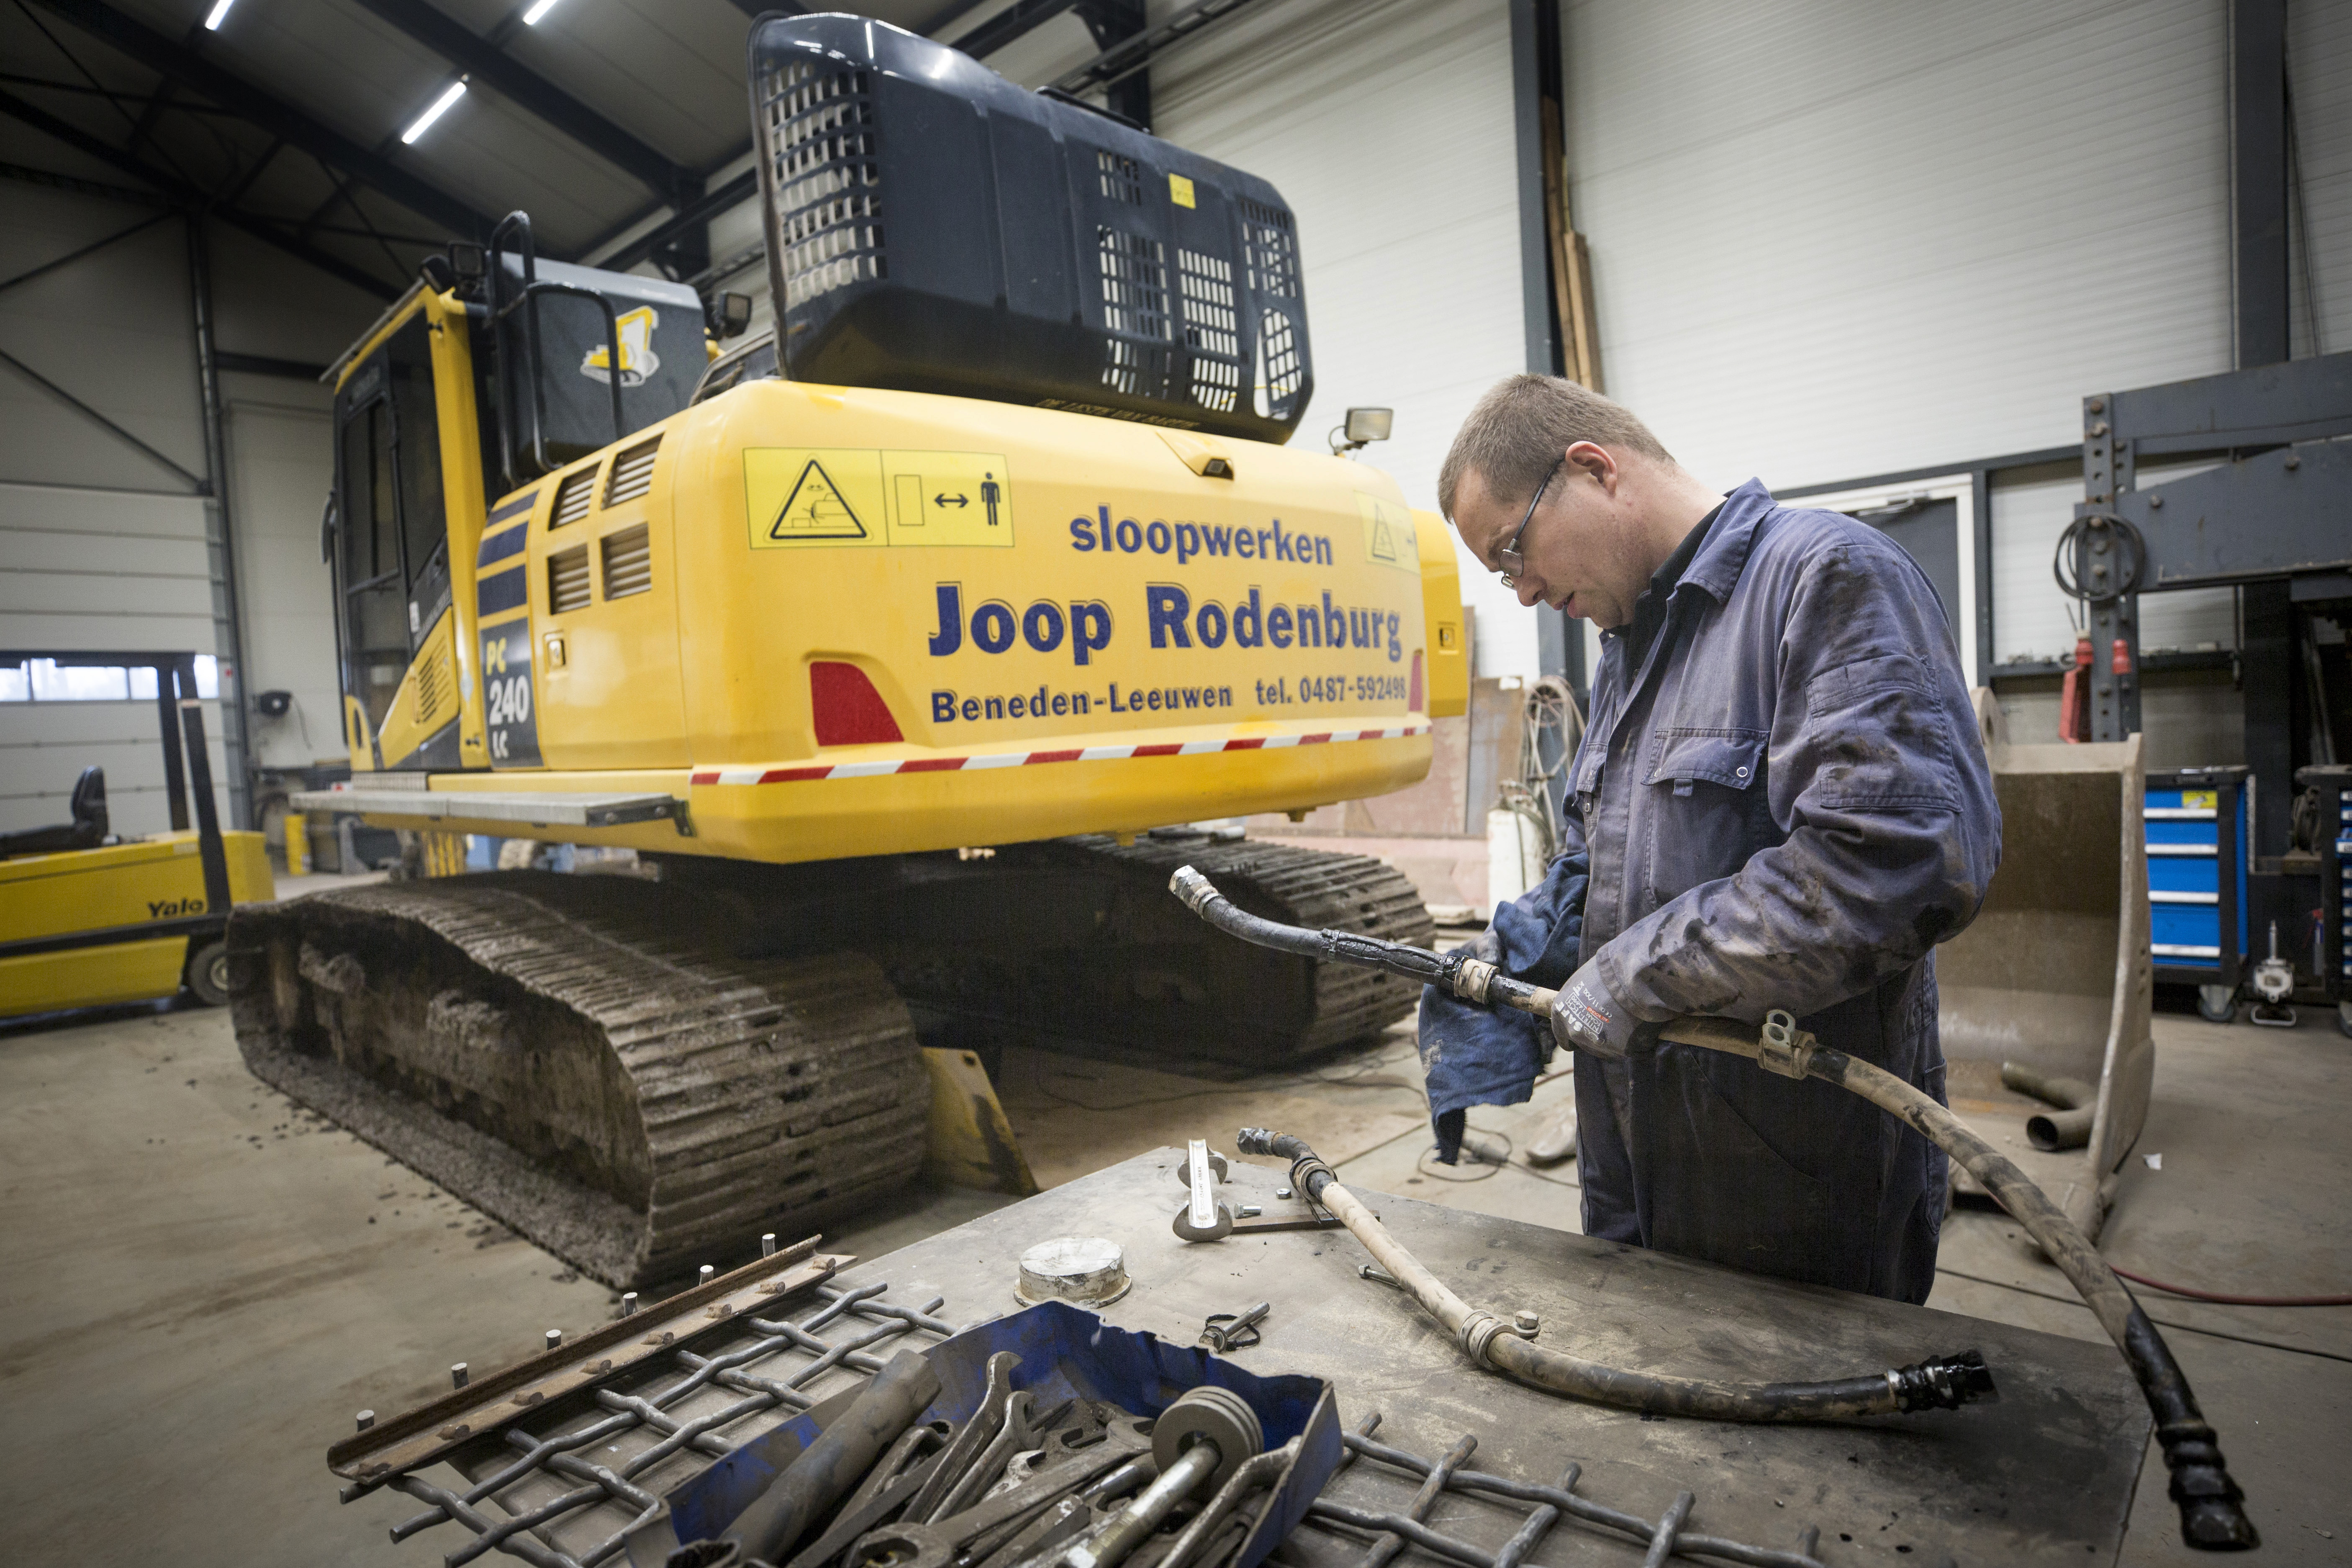 <p>Monteur Richard Beekhuyzen bezig met onderhoudswerk. Joop Rodenburg doet zoveel mogelijk zelf, ook het onderhoud en transport.</p>